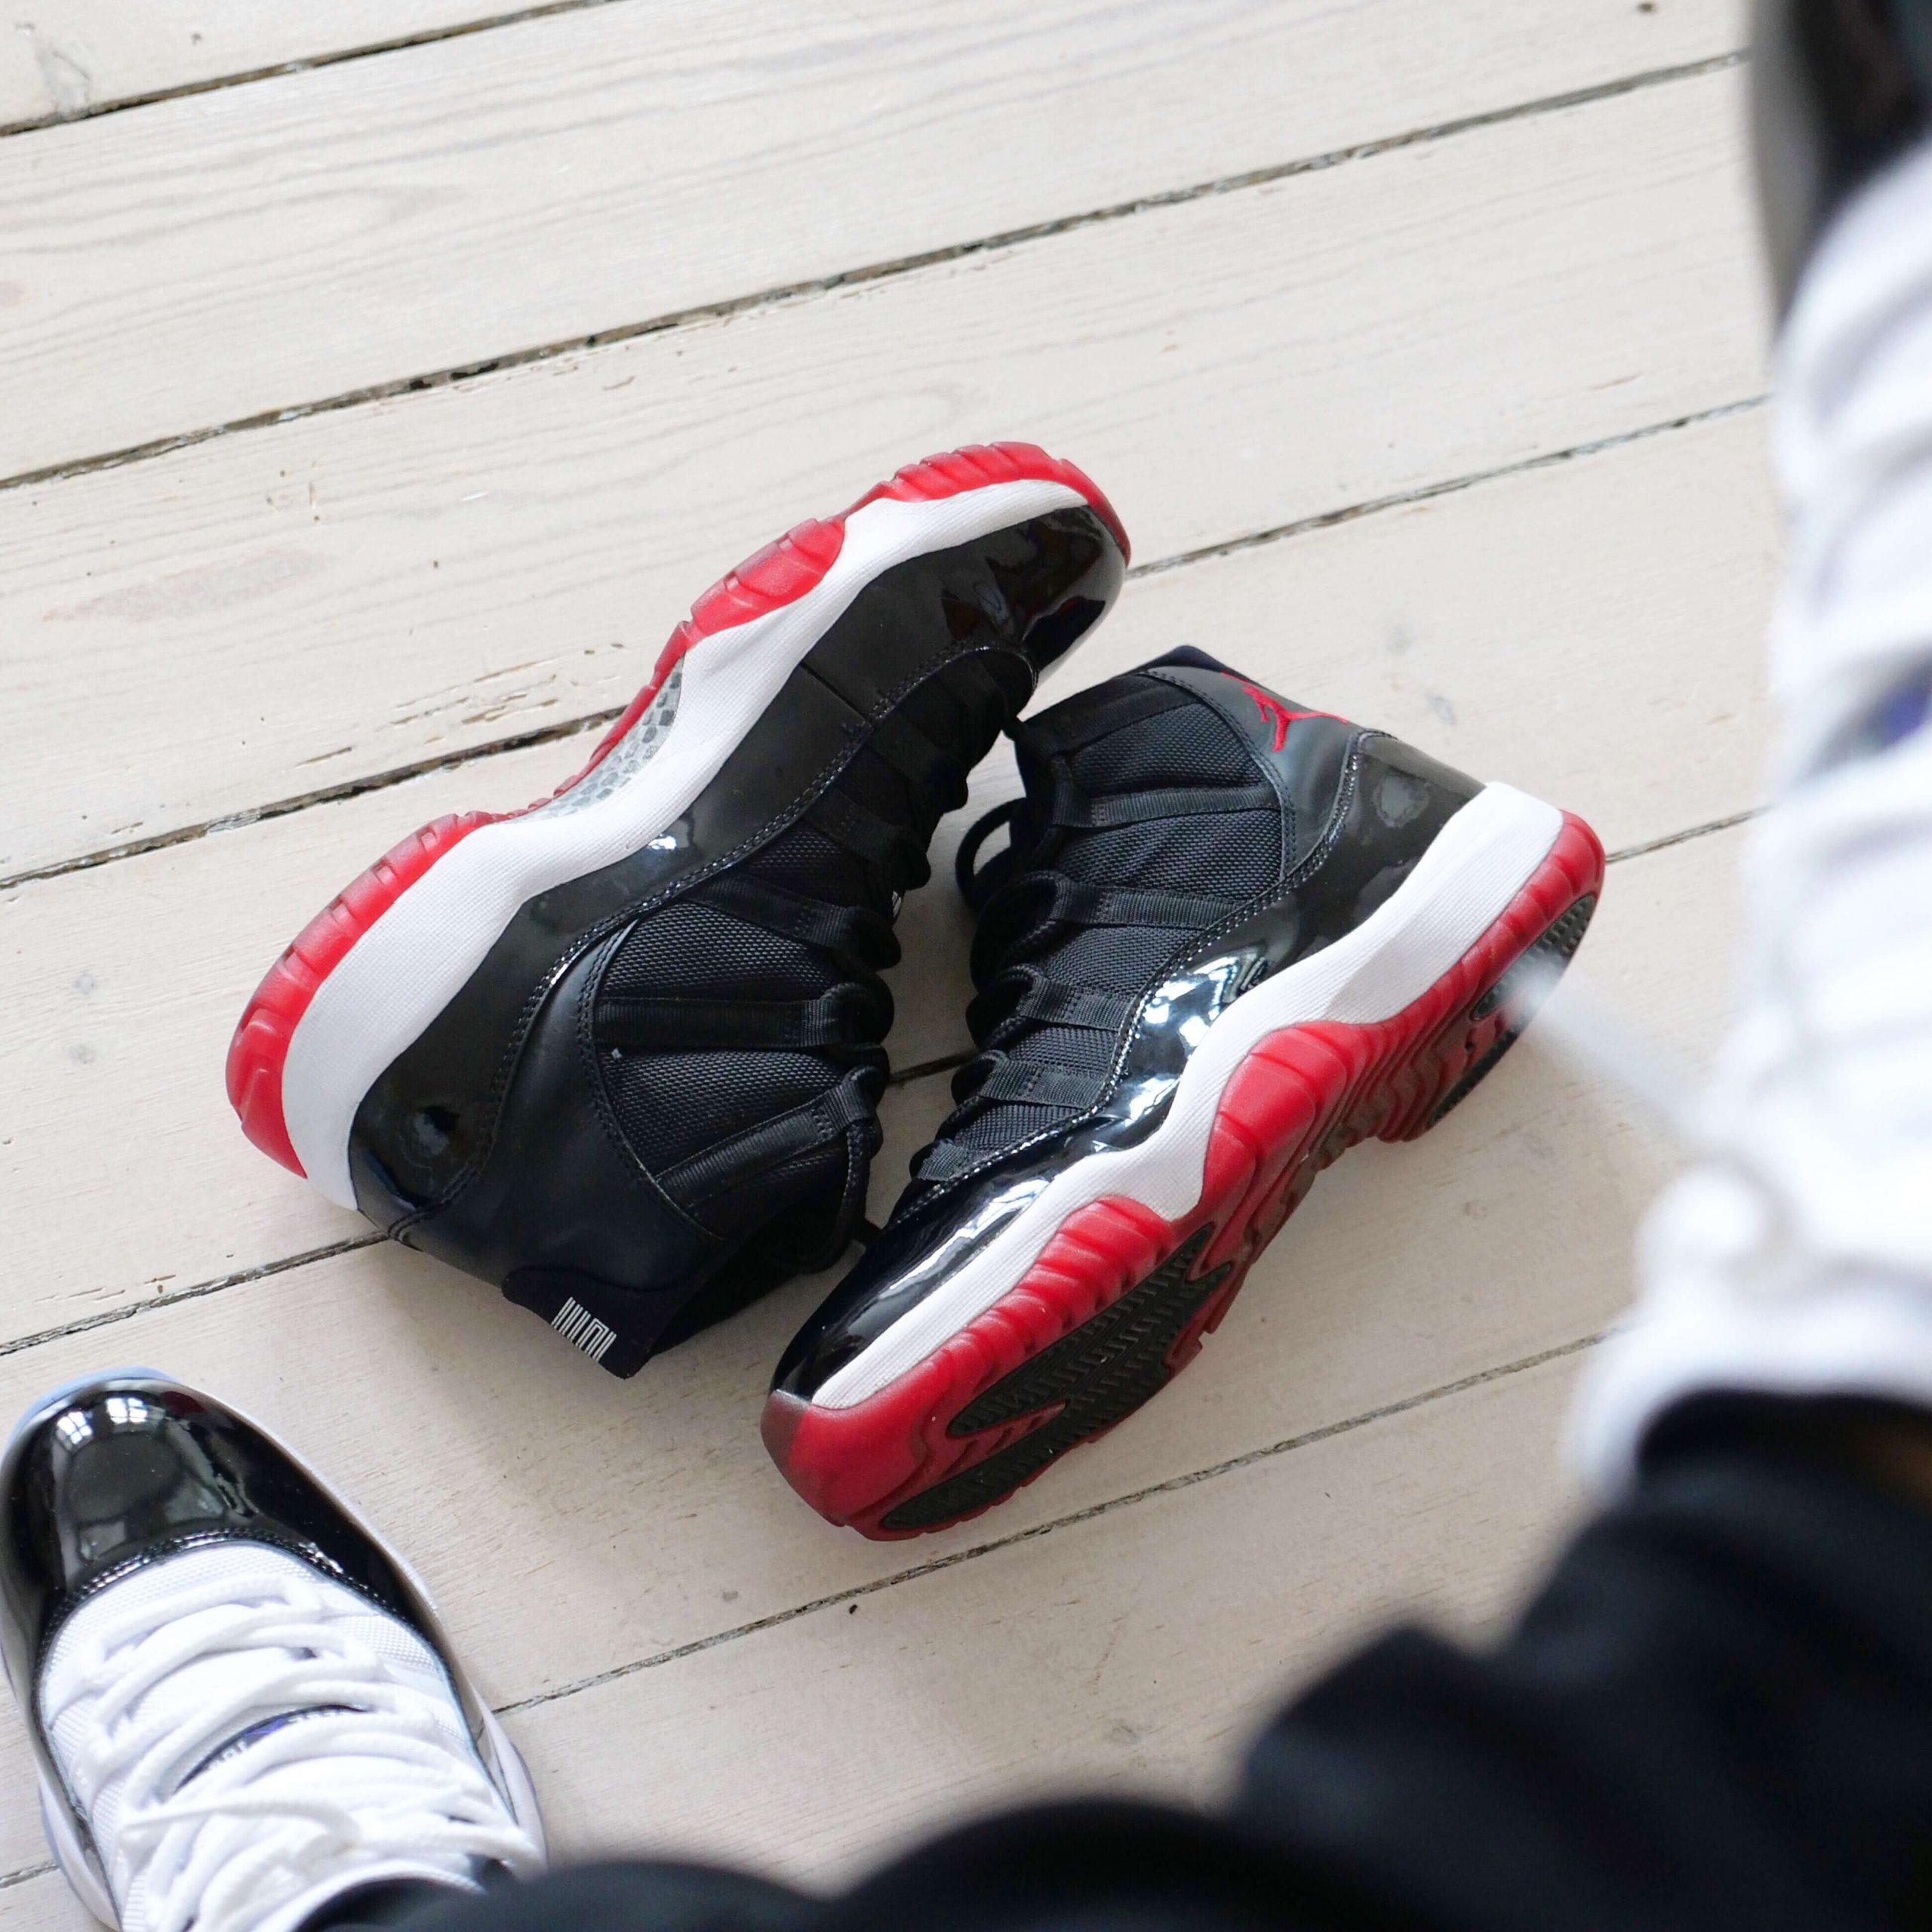 """Busterhede Jordan 11 """"Bred"""" sneakerfreak Sneakerplaats interview"""